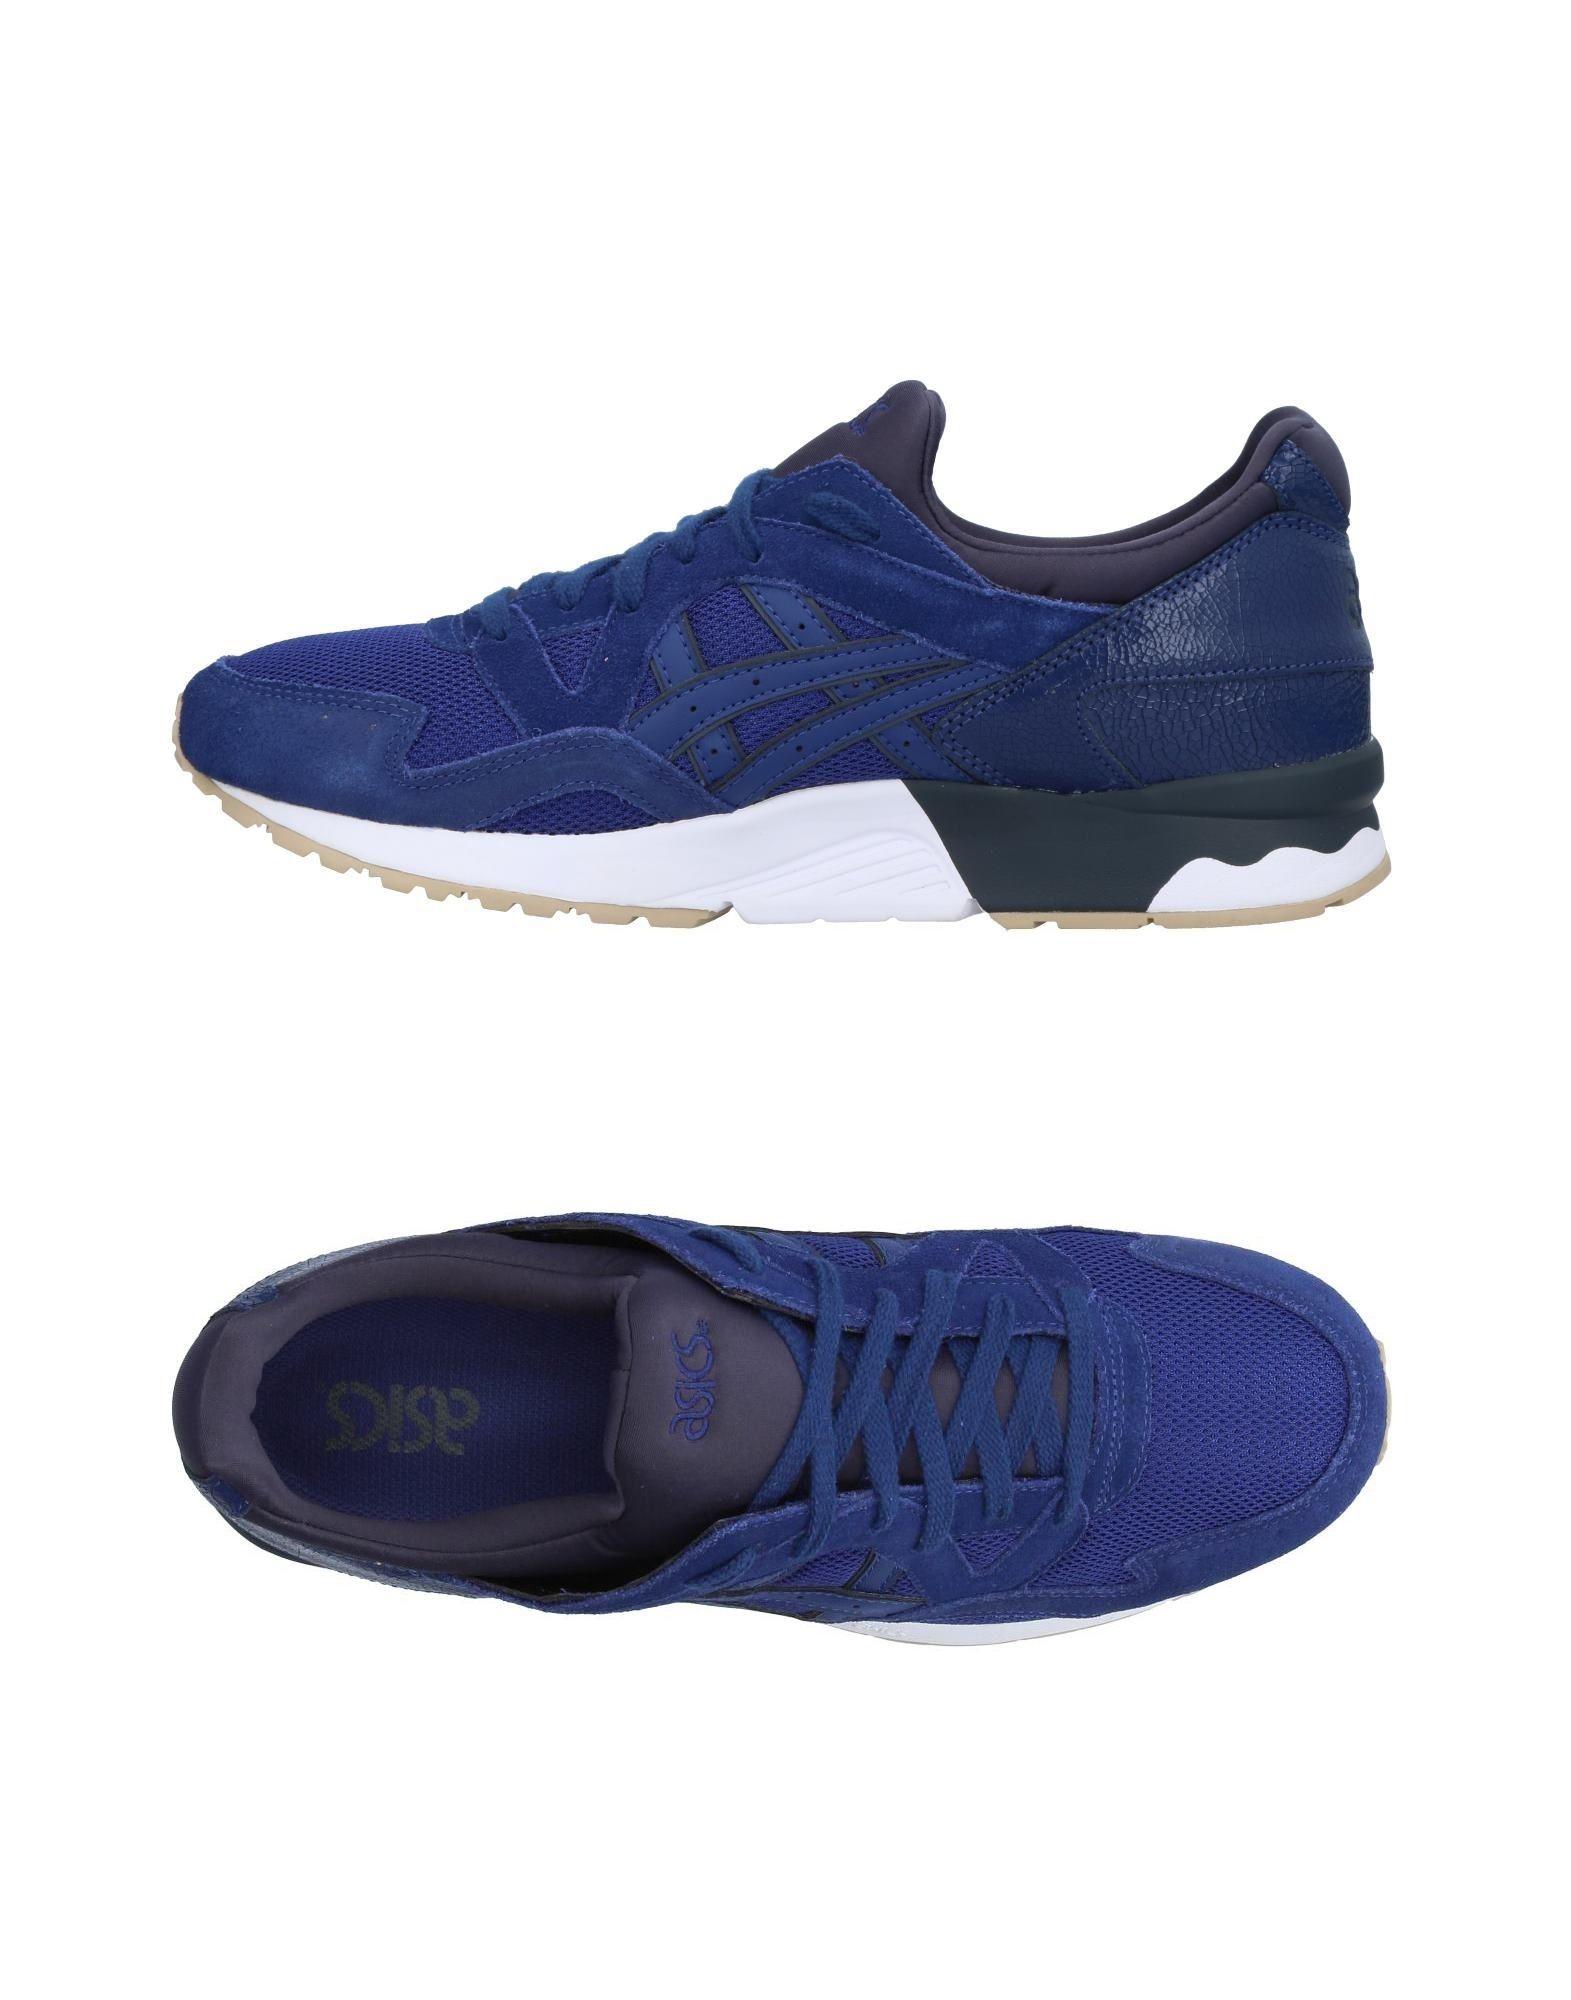 Rabatt echte Schuhe Asics Sneakers Herren  11398713MK